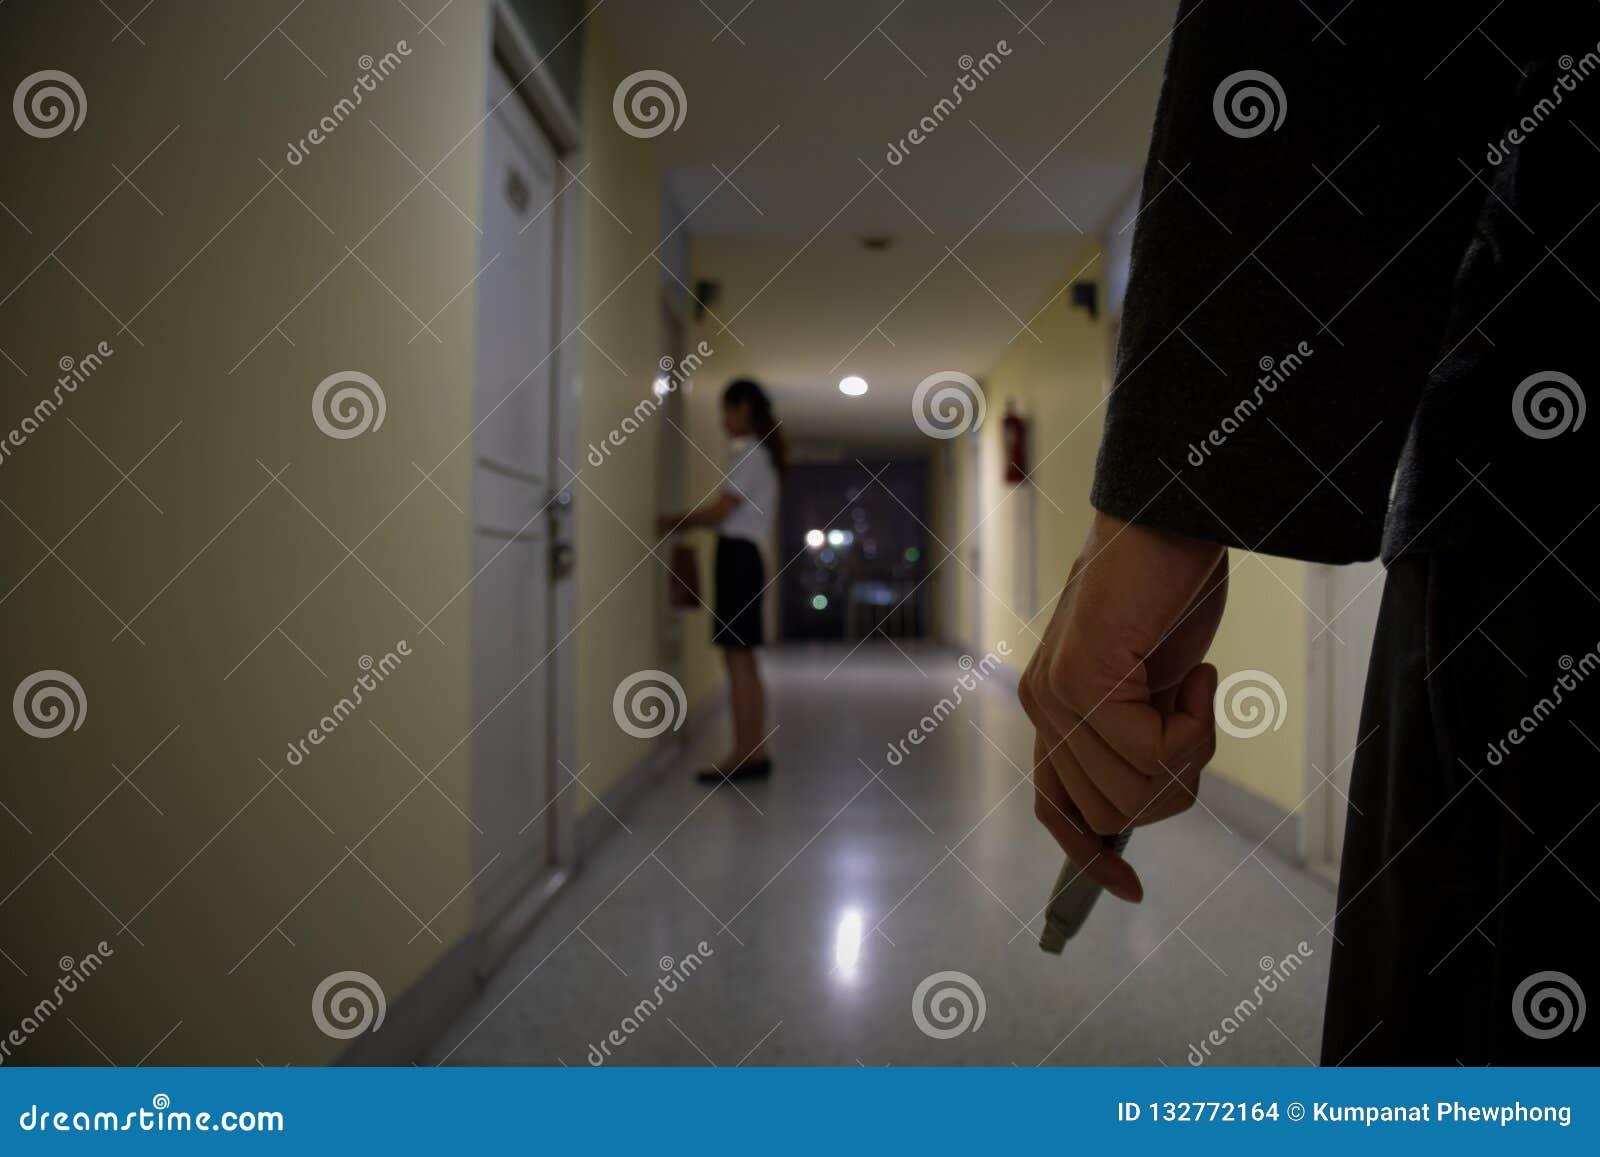 Coltello della tenuta della mano del ladro o del ladro che osserva alla donna di affari che che sblocca porta la notte, fuoco sul